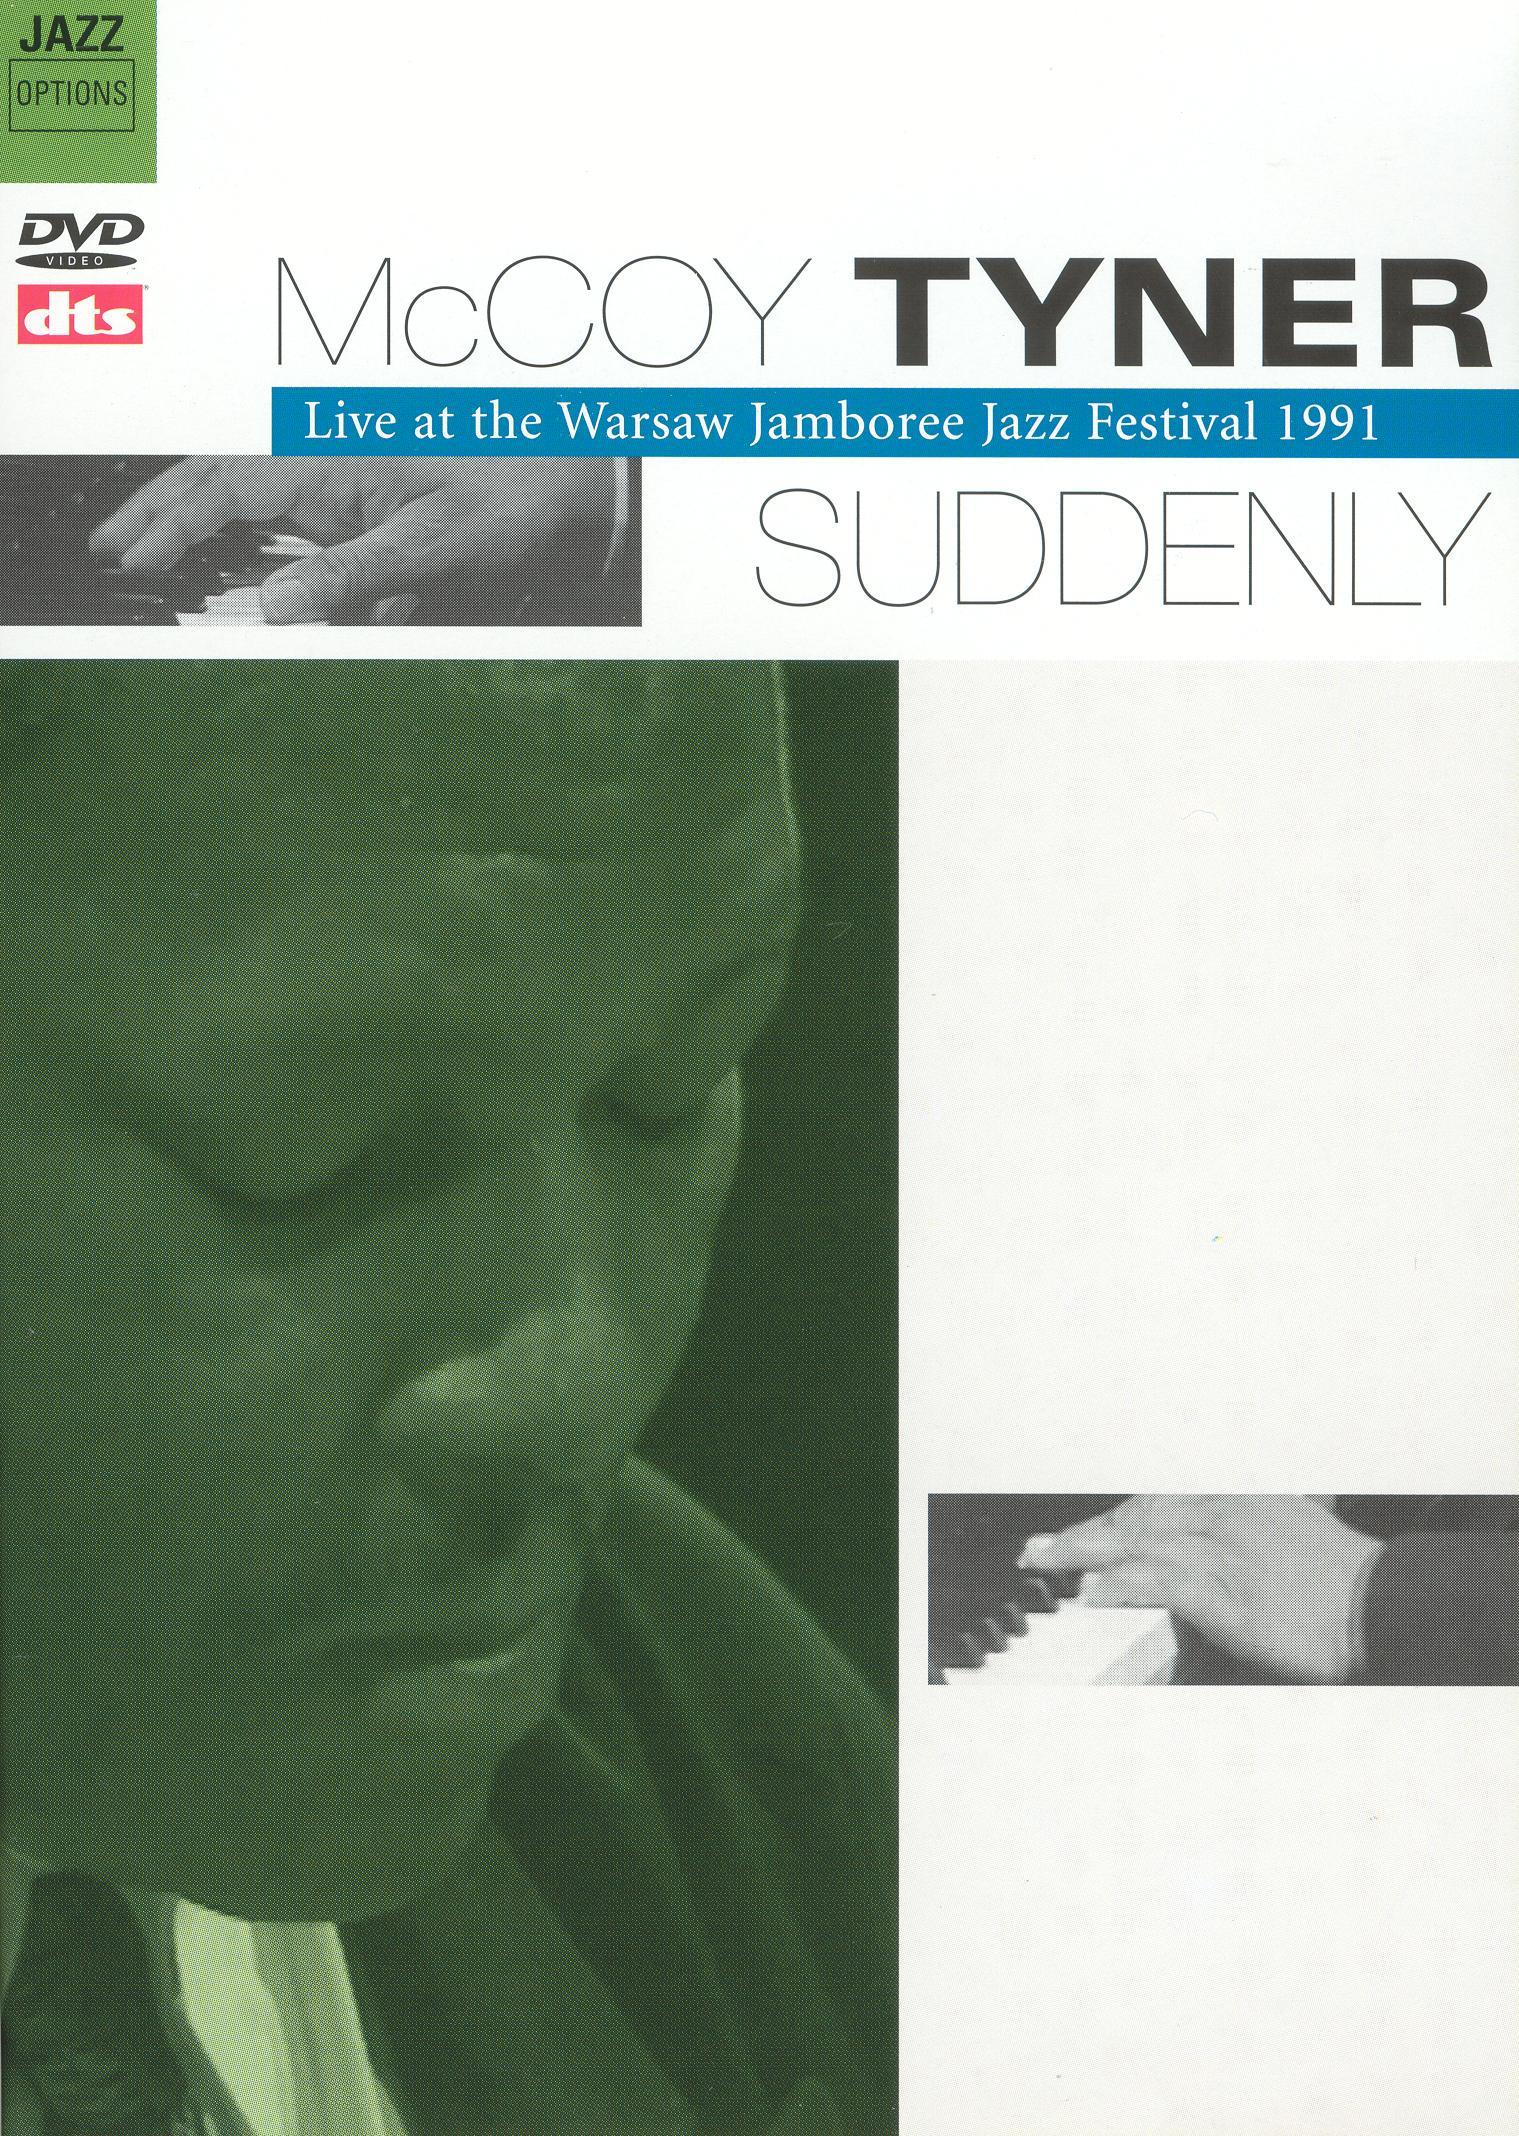 McCoy Tyner: Suddenly